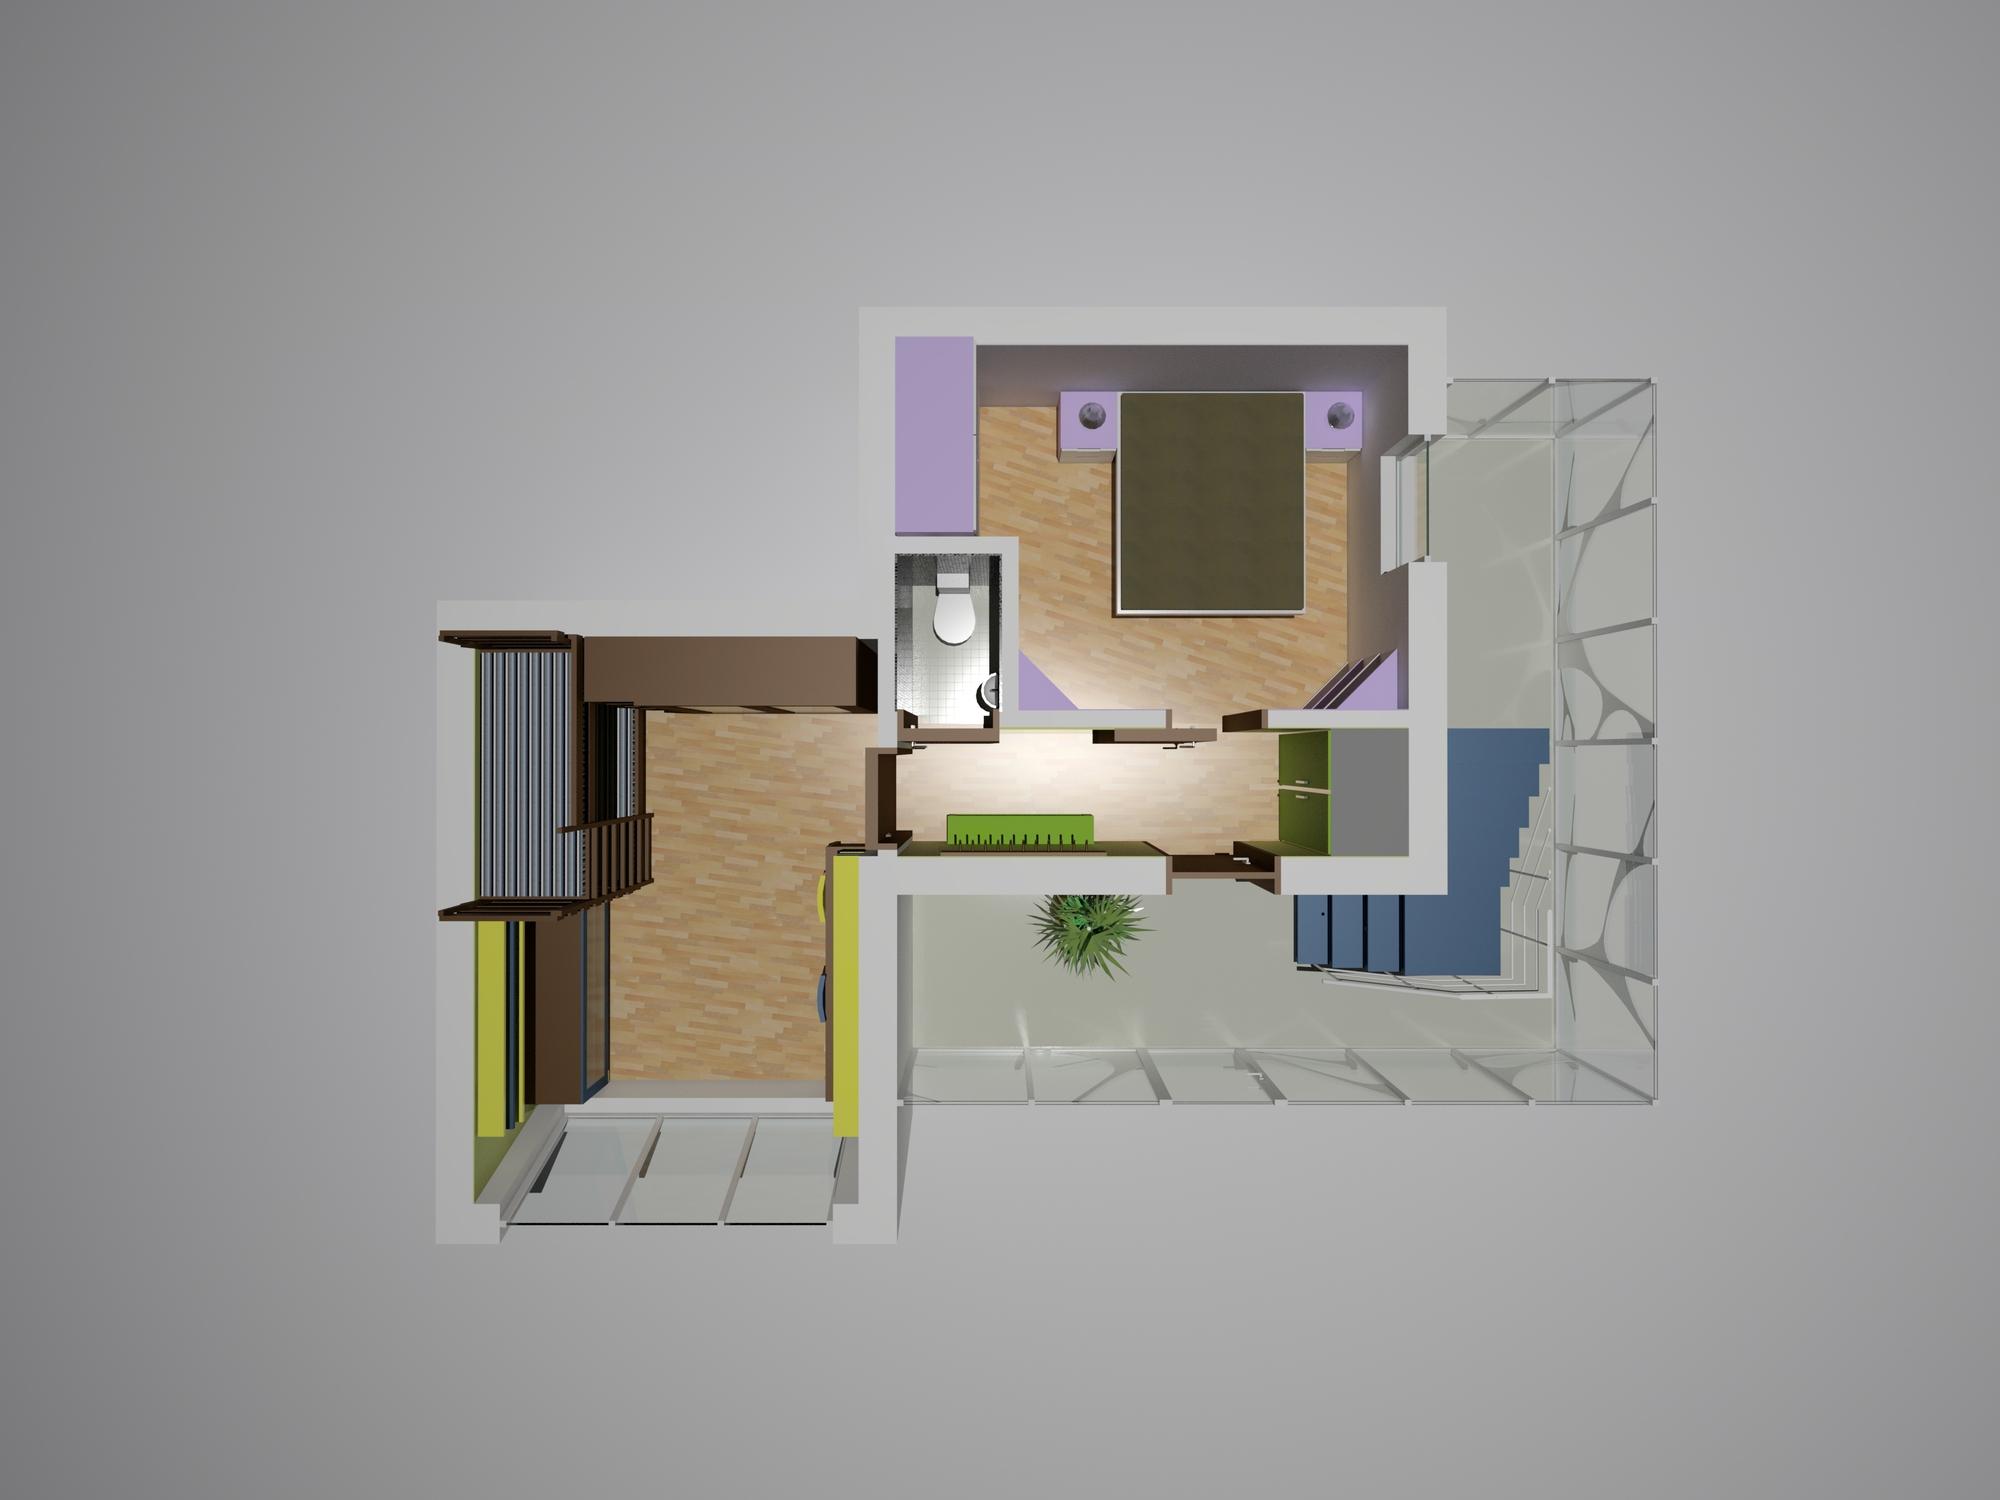 Raas-rendering20150109-19750-zfjupp